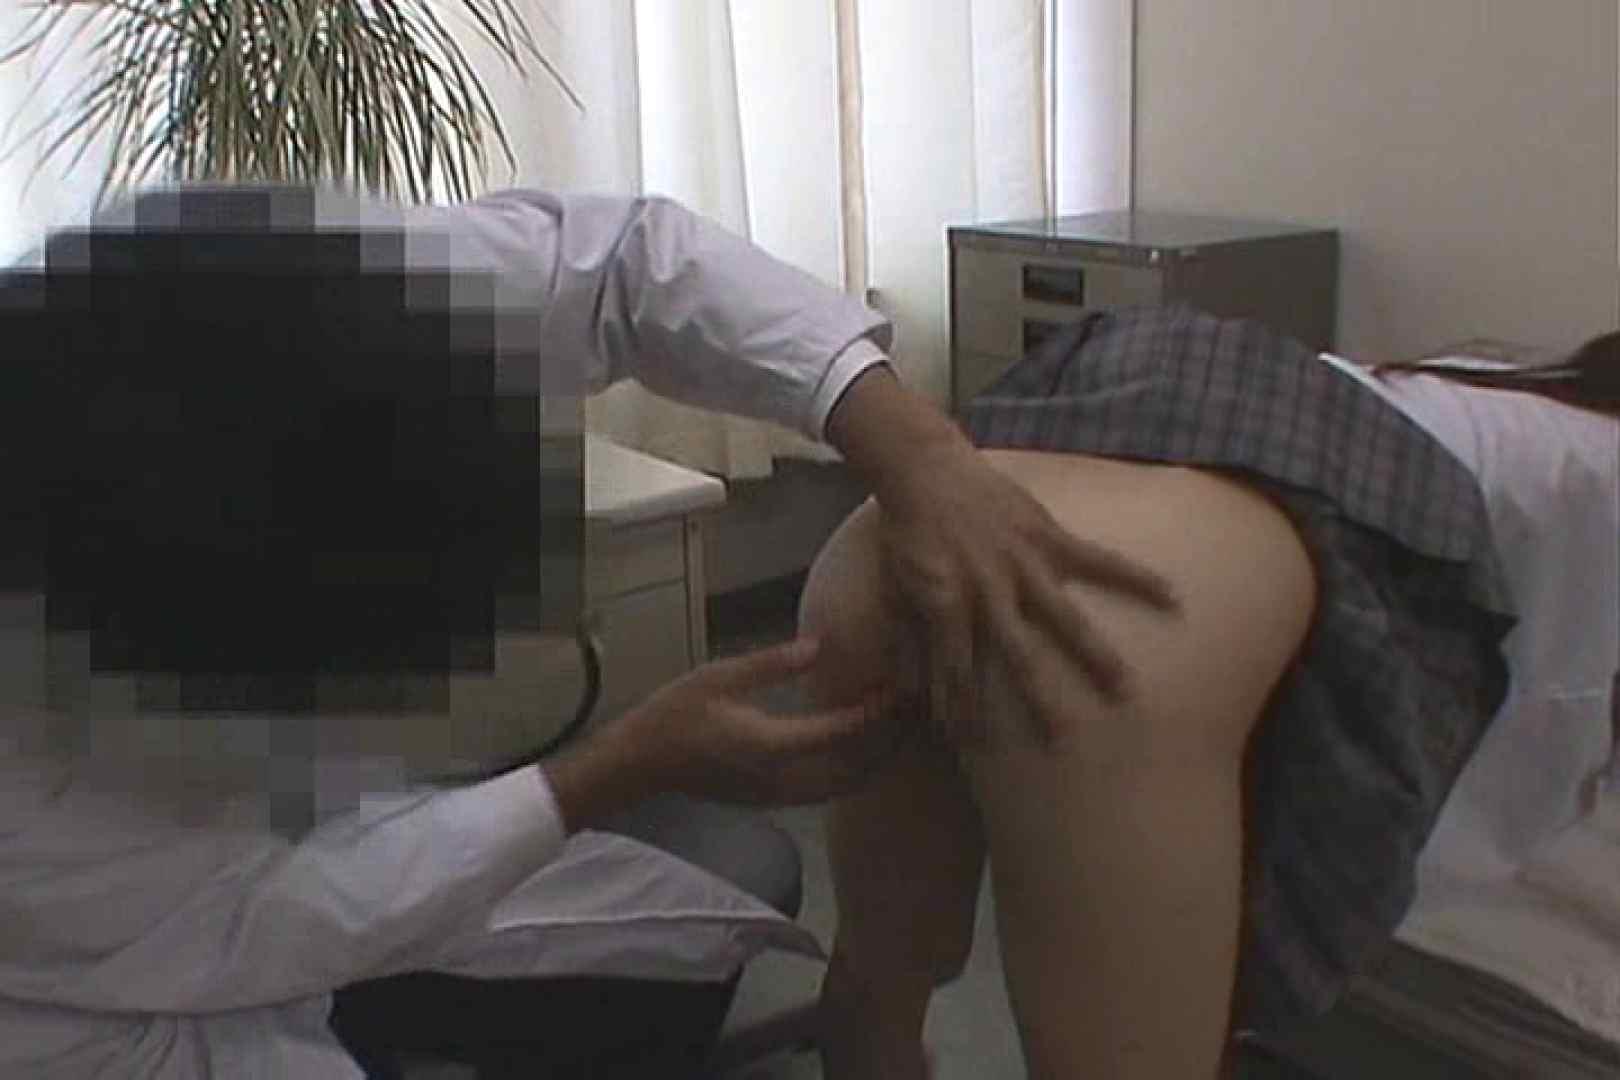 放課後居残り内科検診Vol.2 感じるセックス スケベ動画紹介 68連発 29